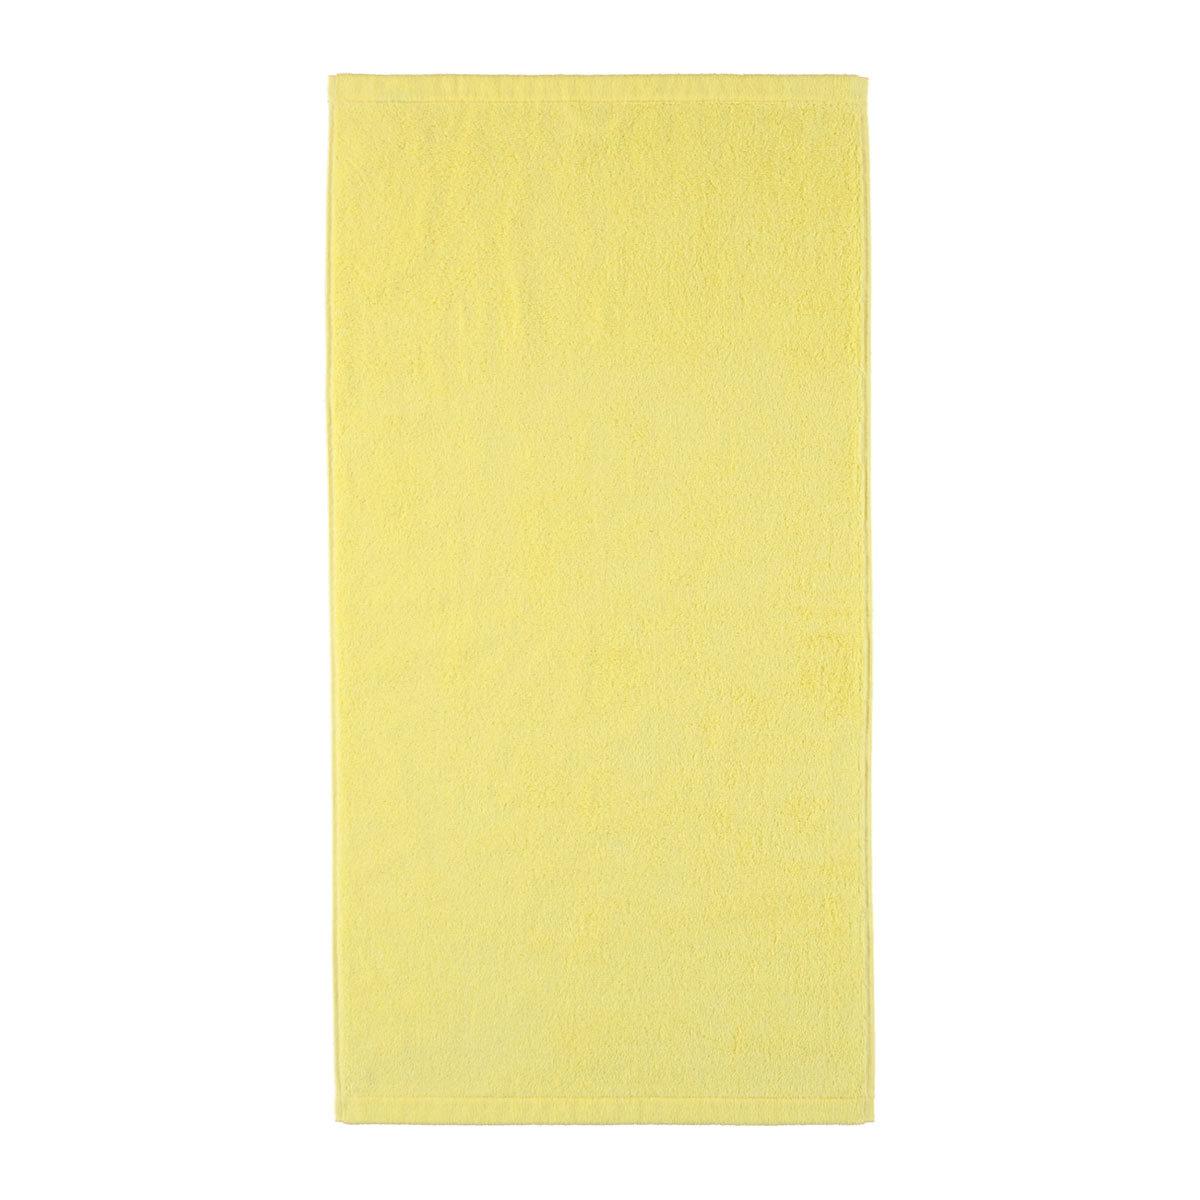 Cawö Uni Handtuchserie Lifestyle 7007 lemon